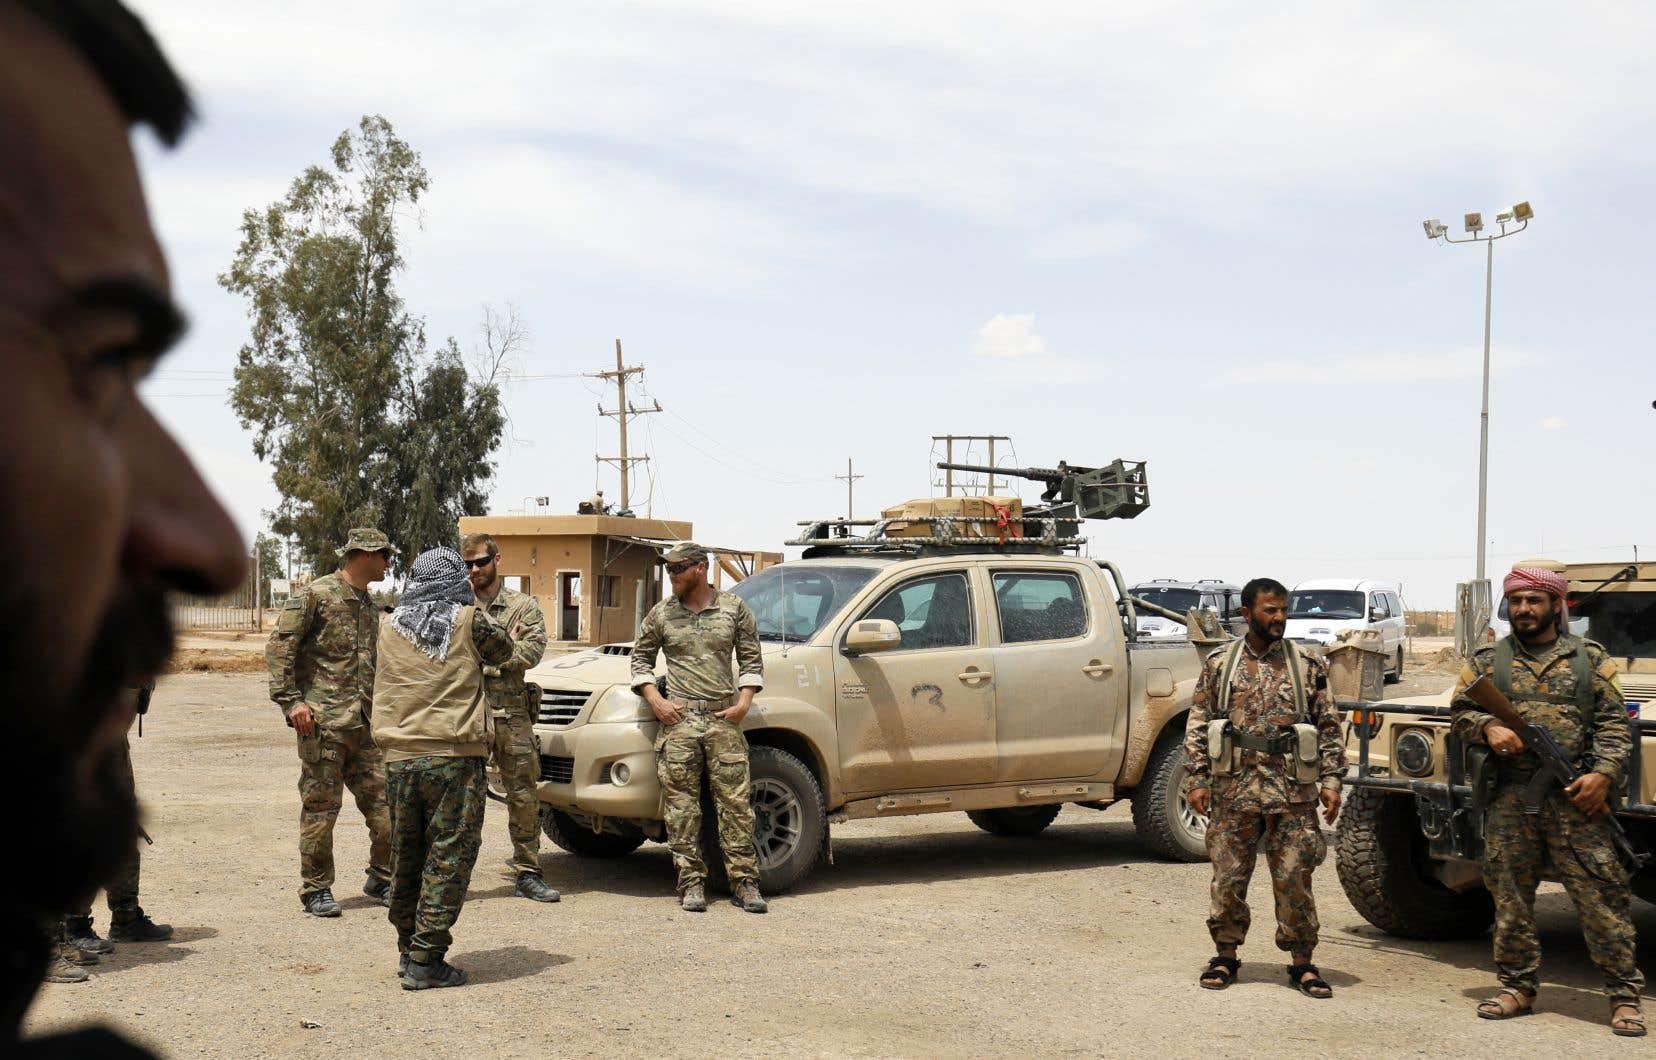 Des membres des Forces démocratiques syriennes et des soldats américains se rassemblent sur le champ pétrolifère d'al-Tanak, dans la province de Deir Ezzor, le 1er mai dernier.